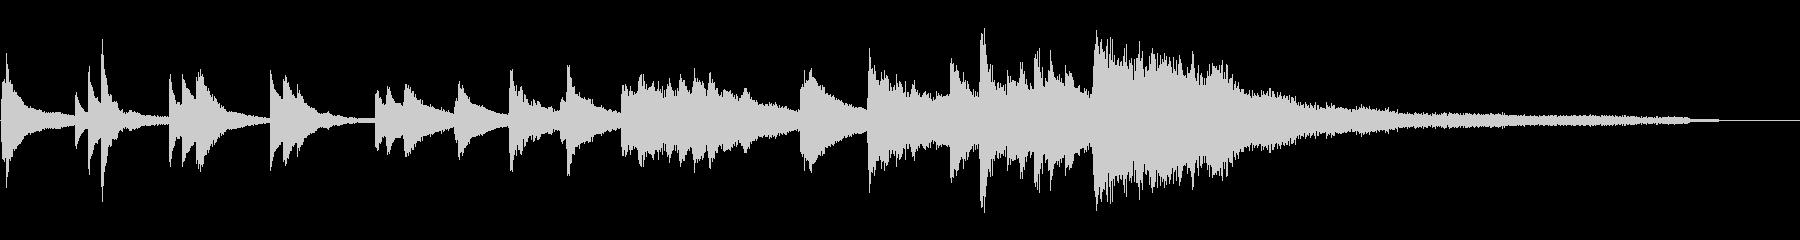 和風のジングル8-ピアノソロの未再生の波形